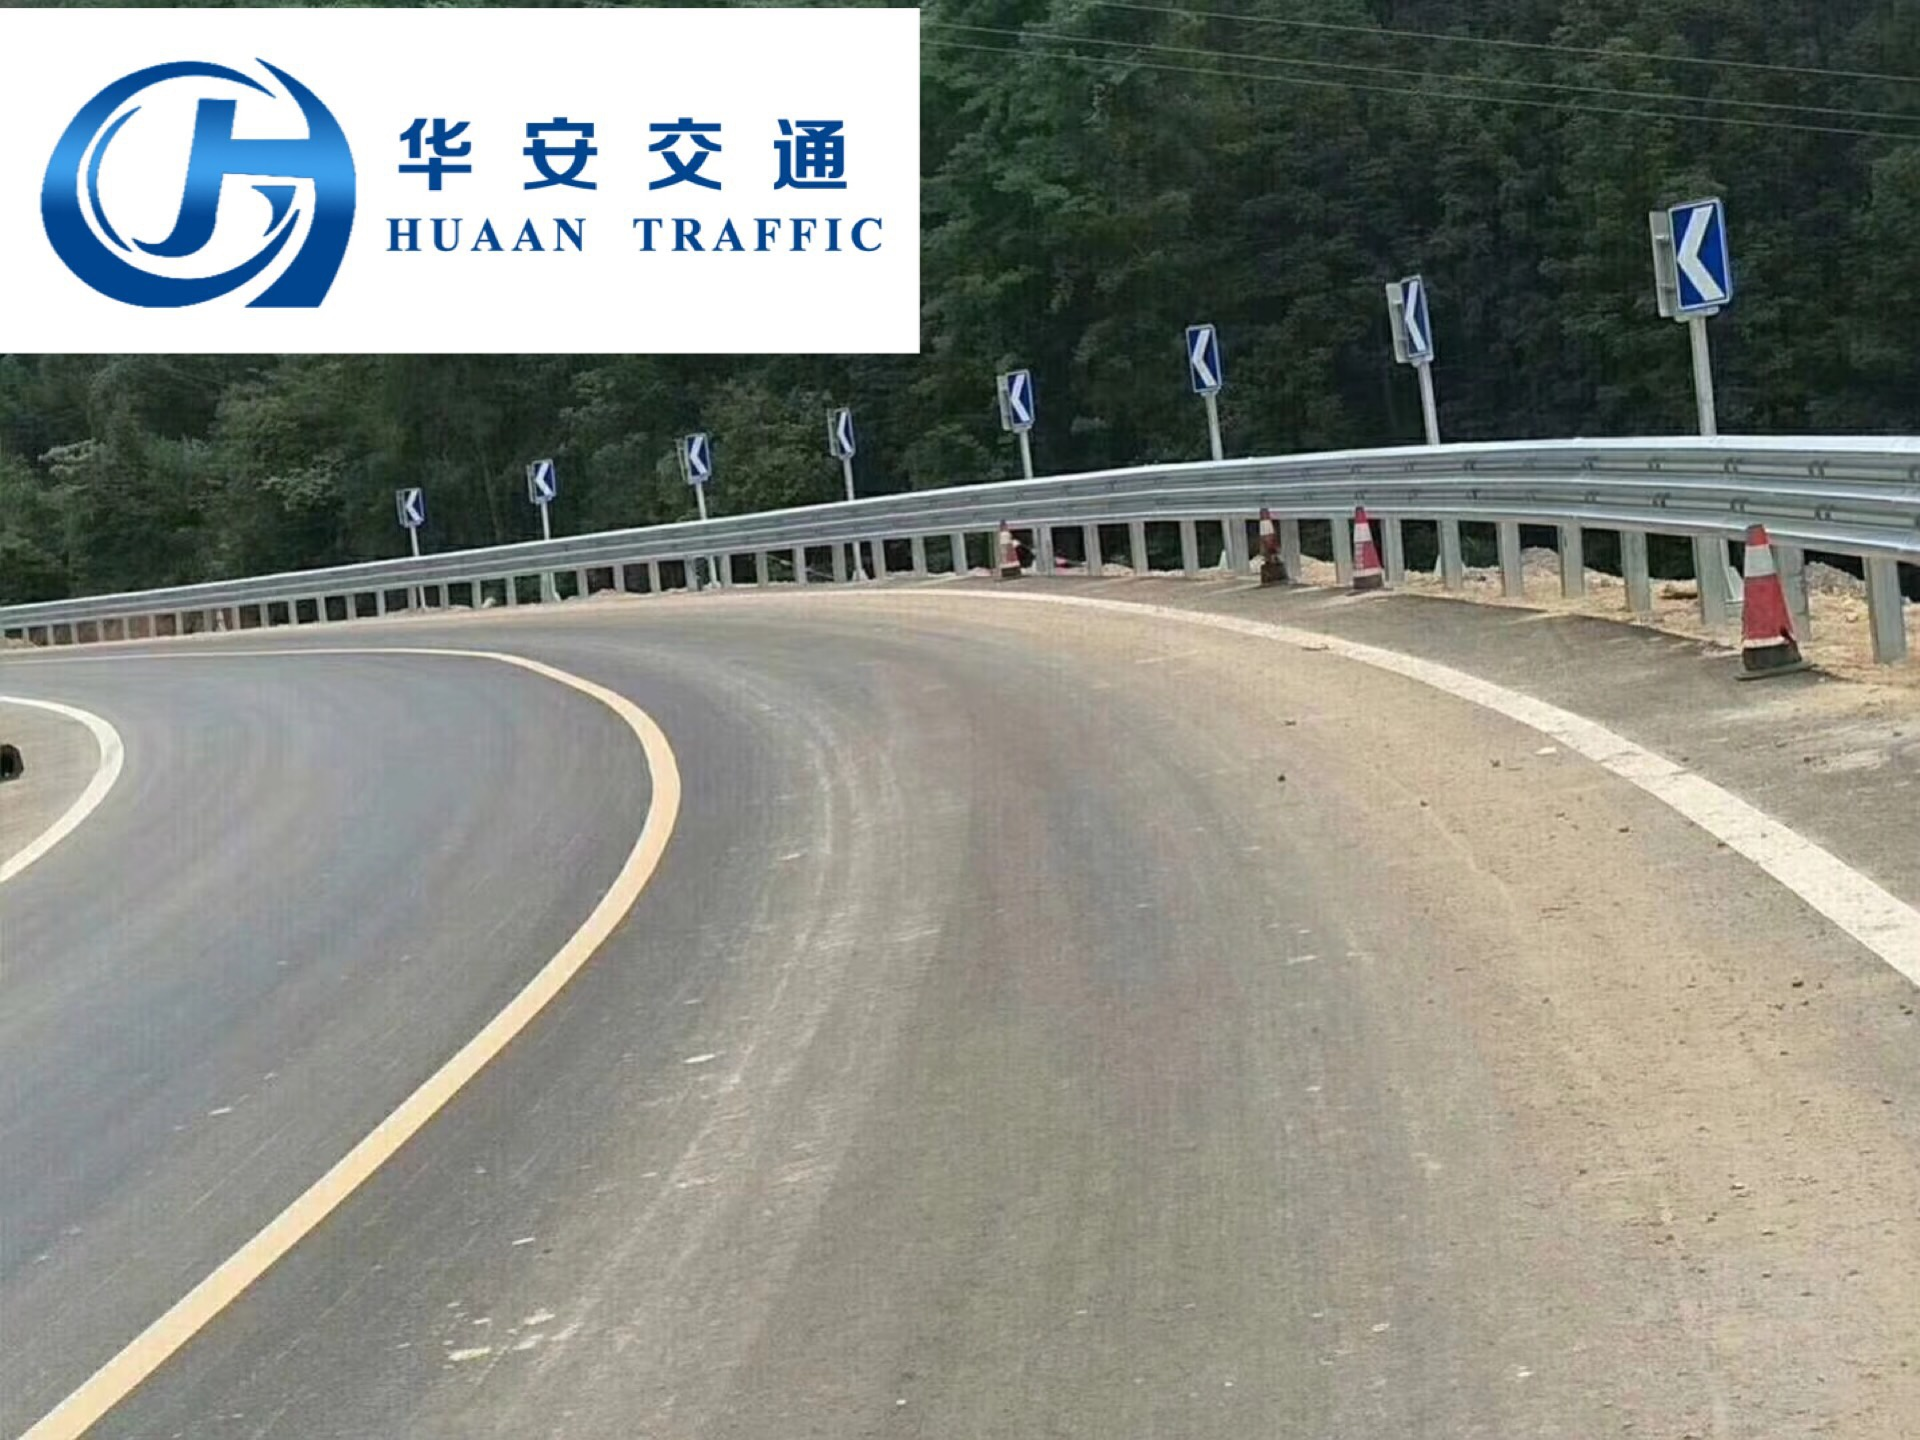 济乐高速公路南延线正式通车!